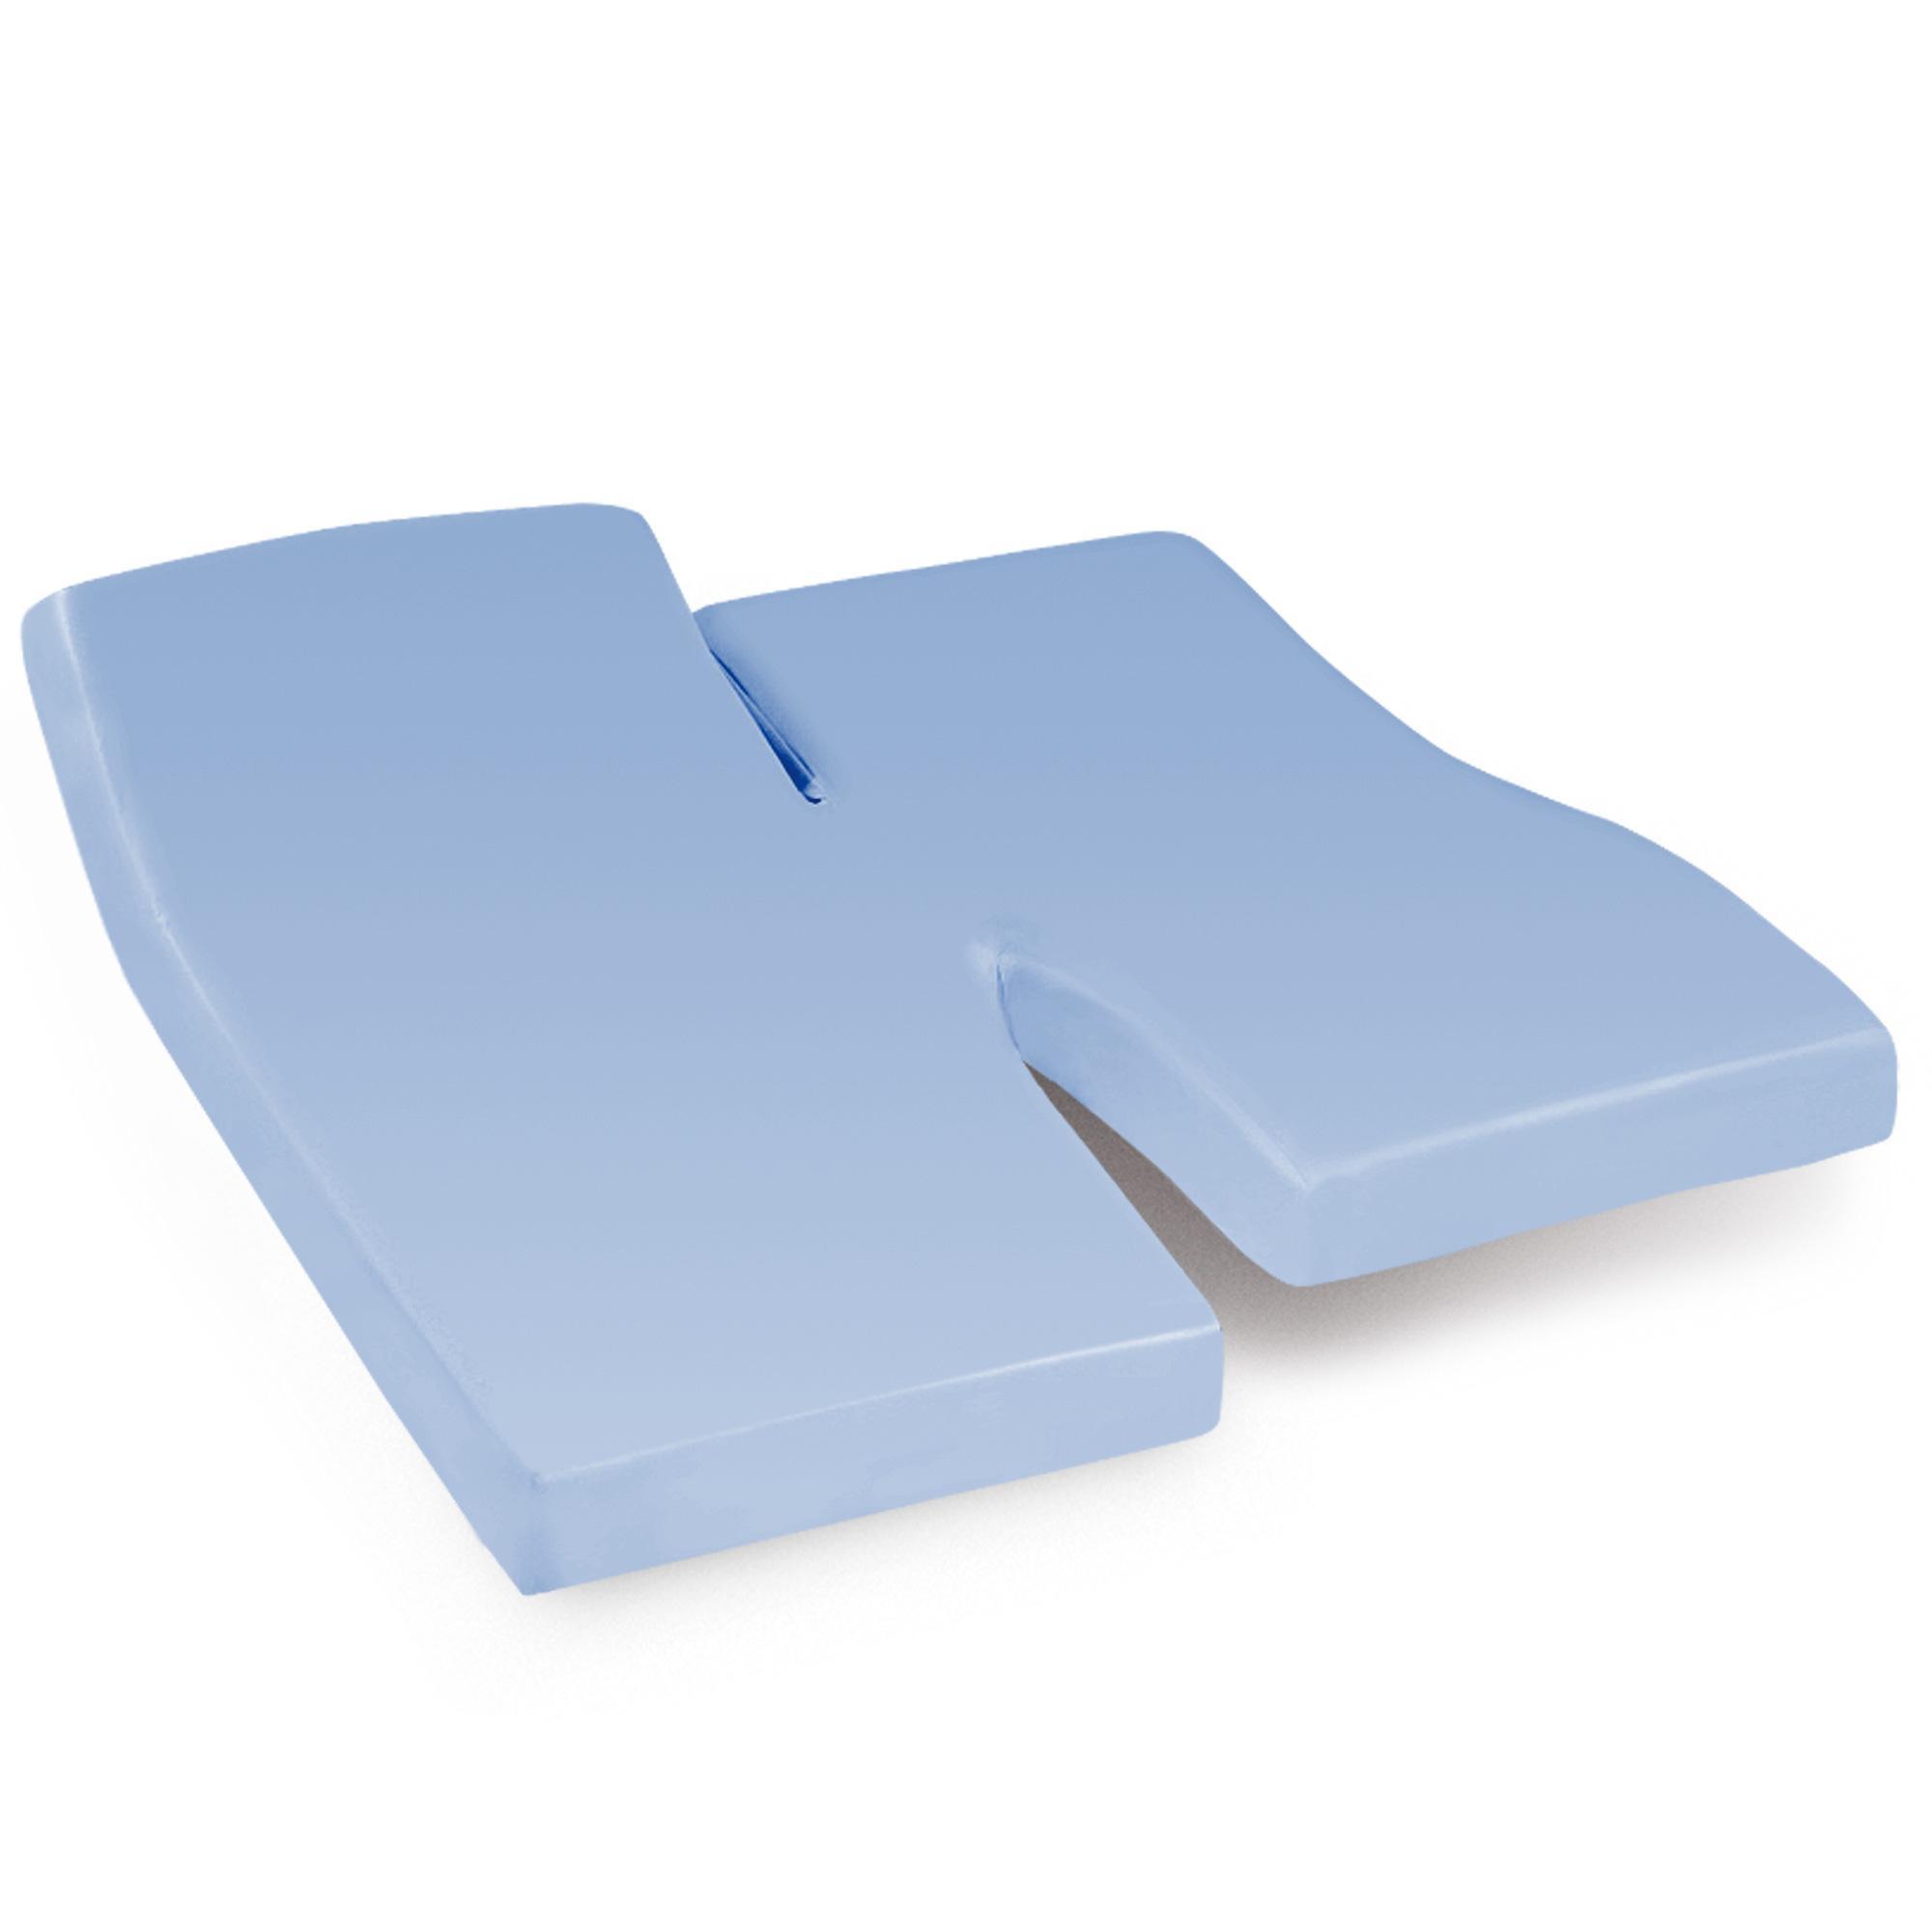 Drap housse relaxation 2x80x200cm uni pur coton alto bleu for Drap housse 2x80x200